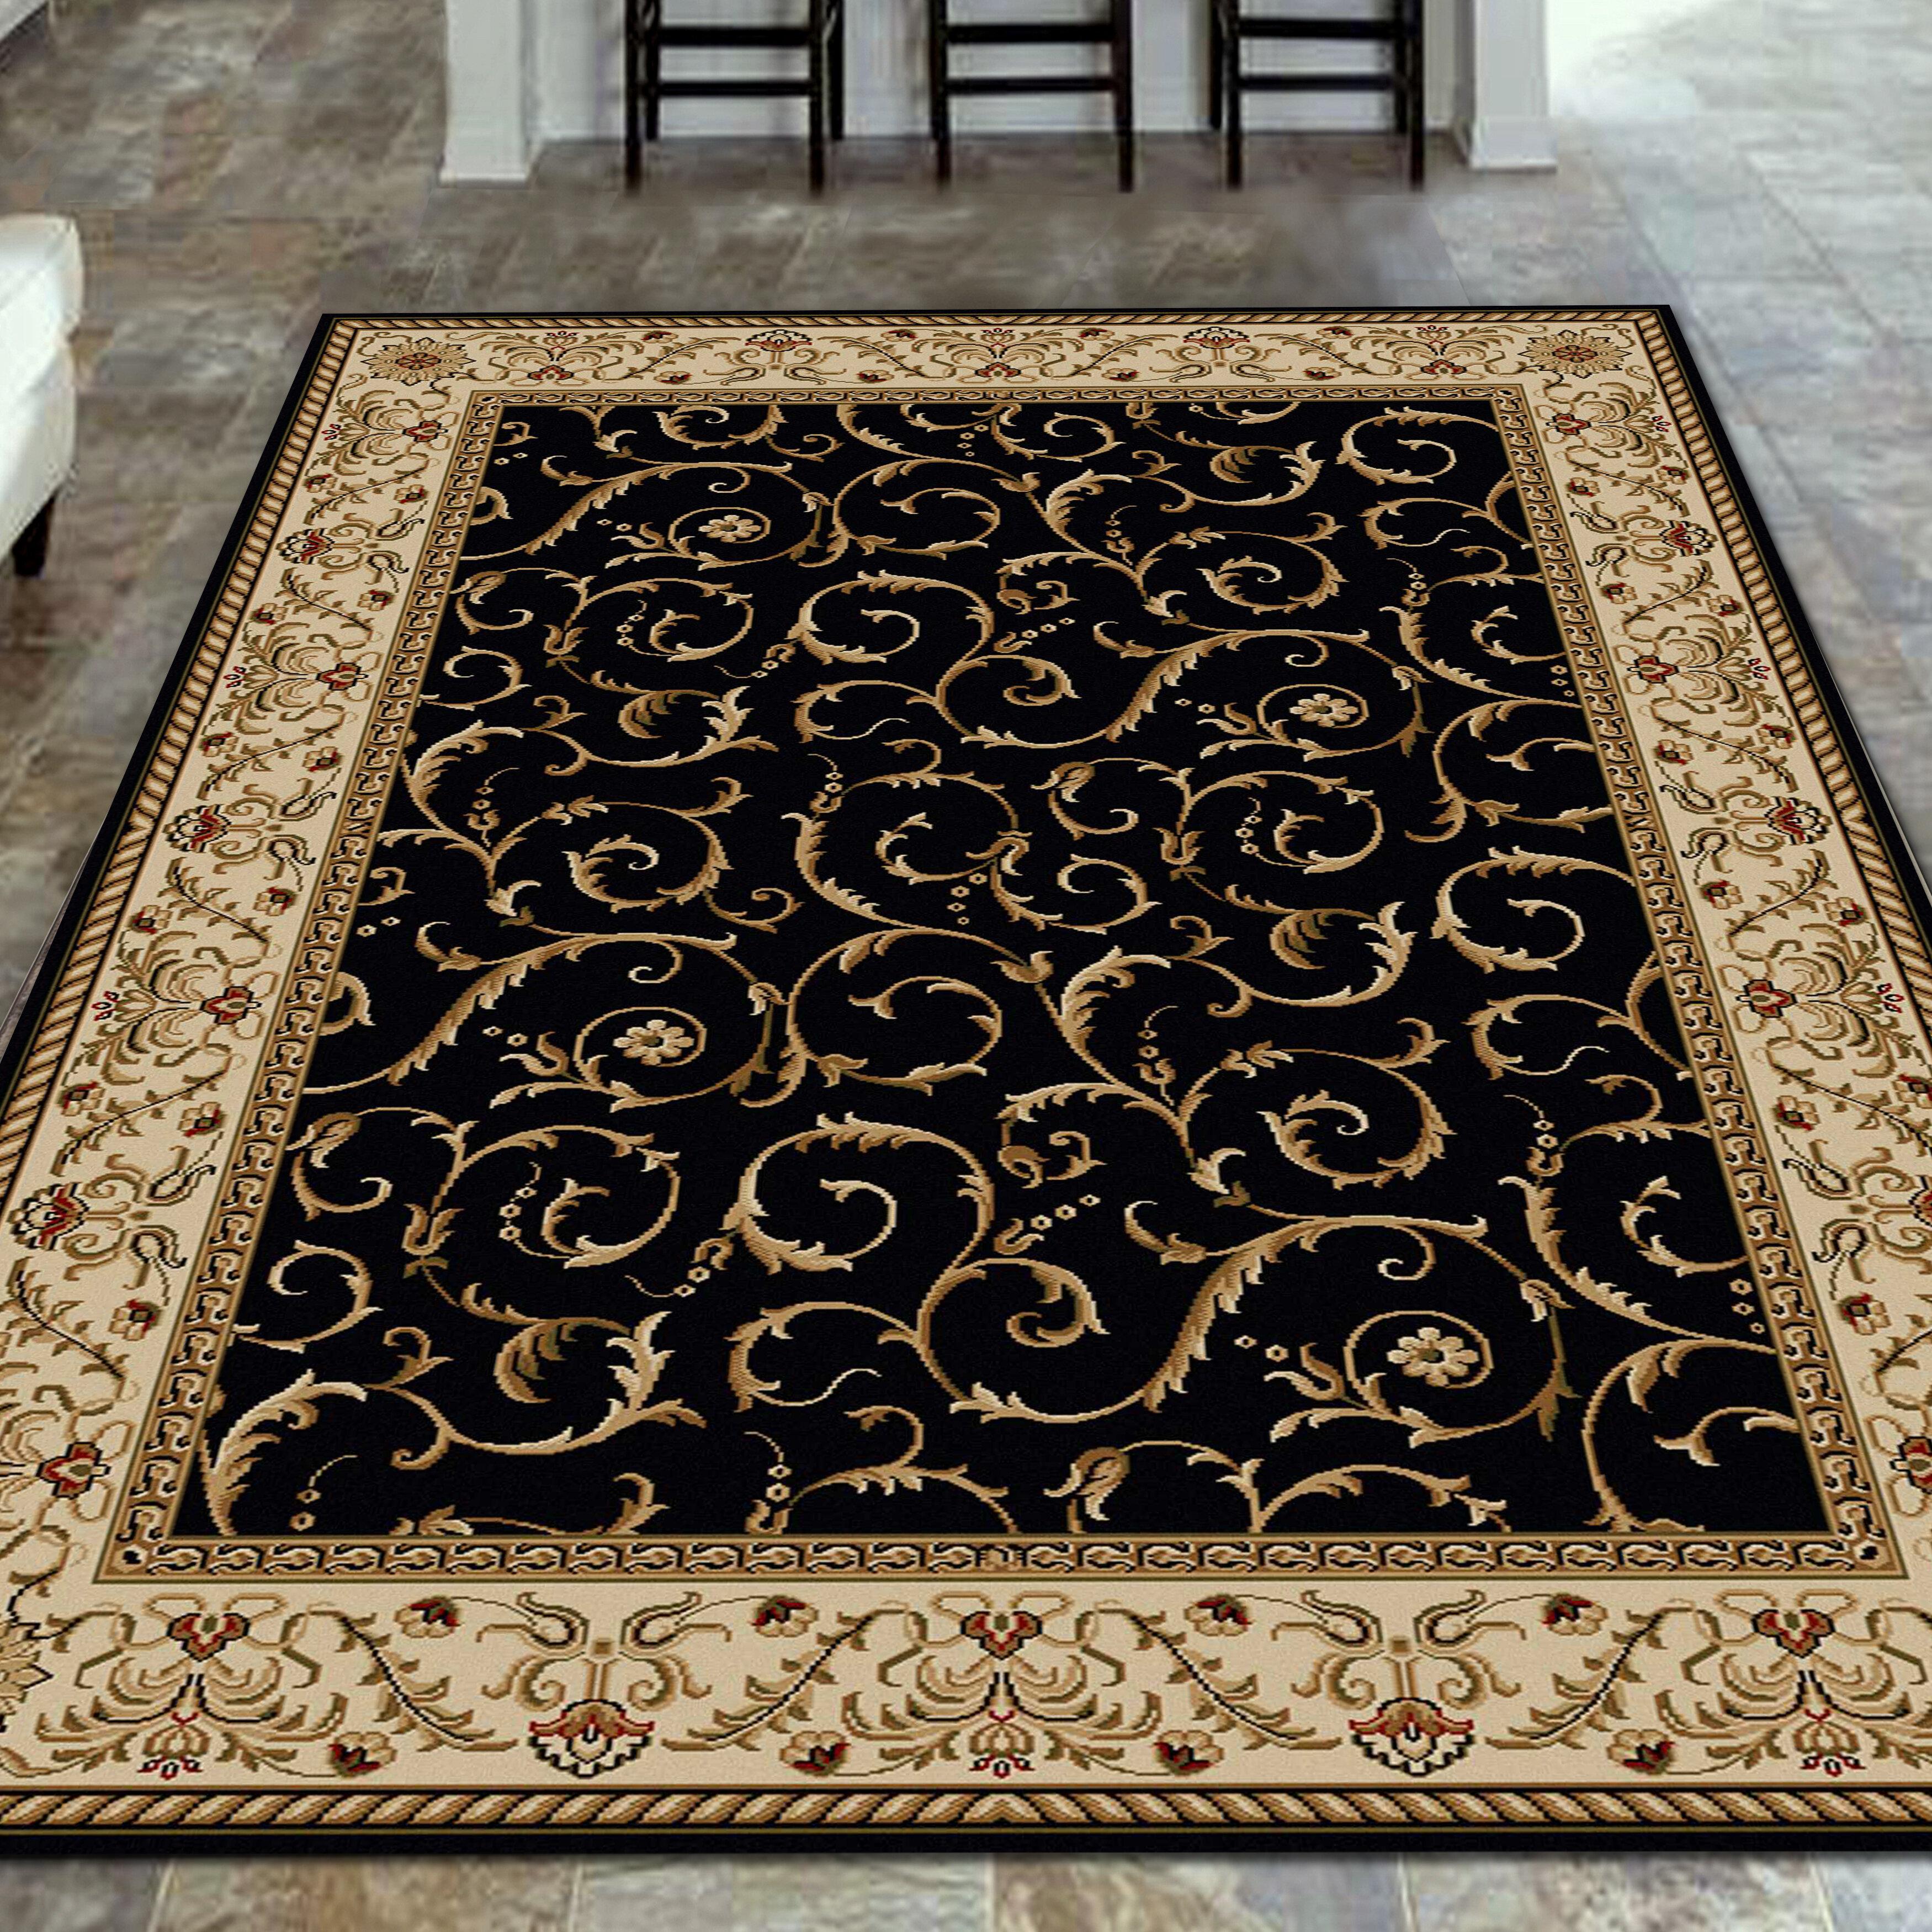 Astoria grand weisgerber black area rug reviews wayfair